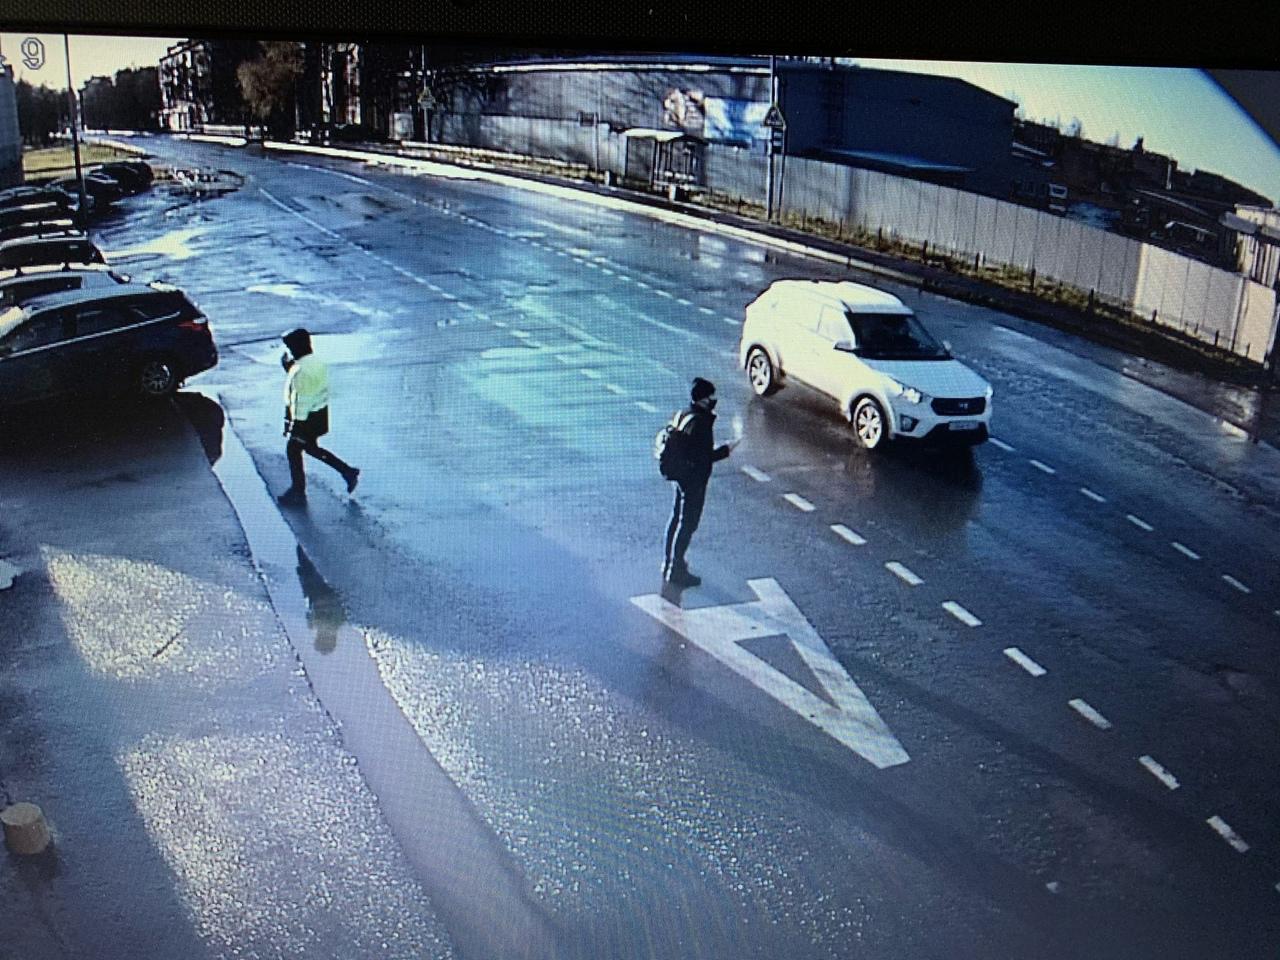 20 ноября в 11:36 с улицы Пилотов 18к4 в Авиагородке был угнан автомобиль Hyundai Creta белого цвета...